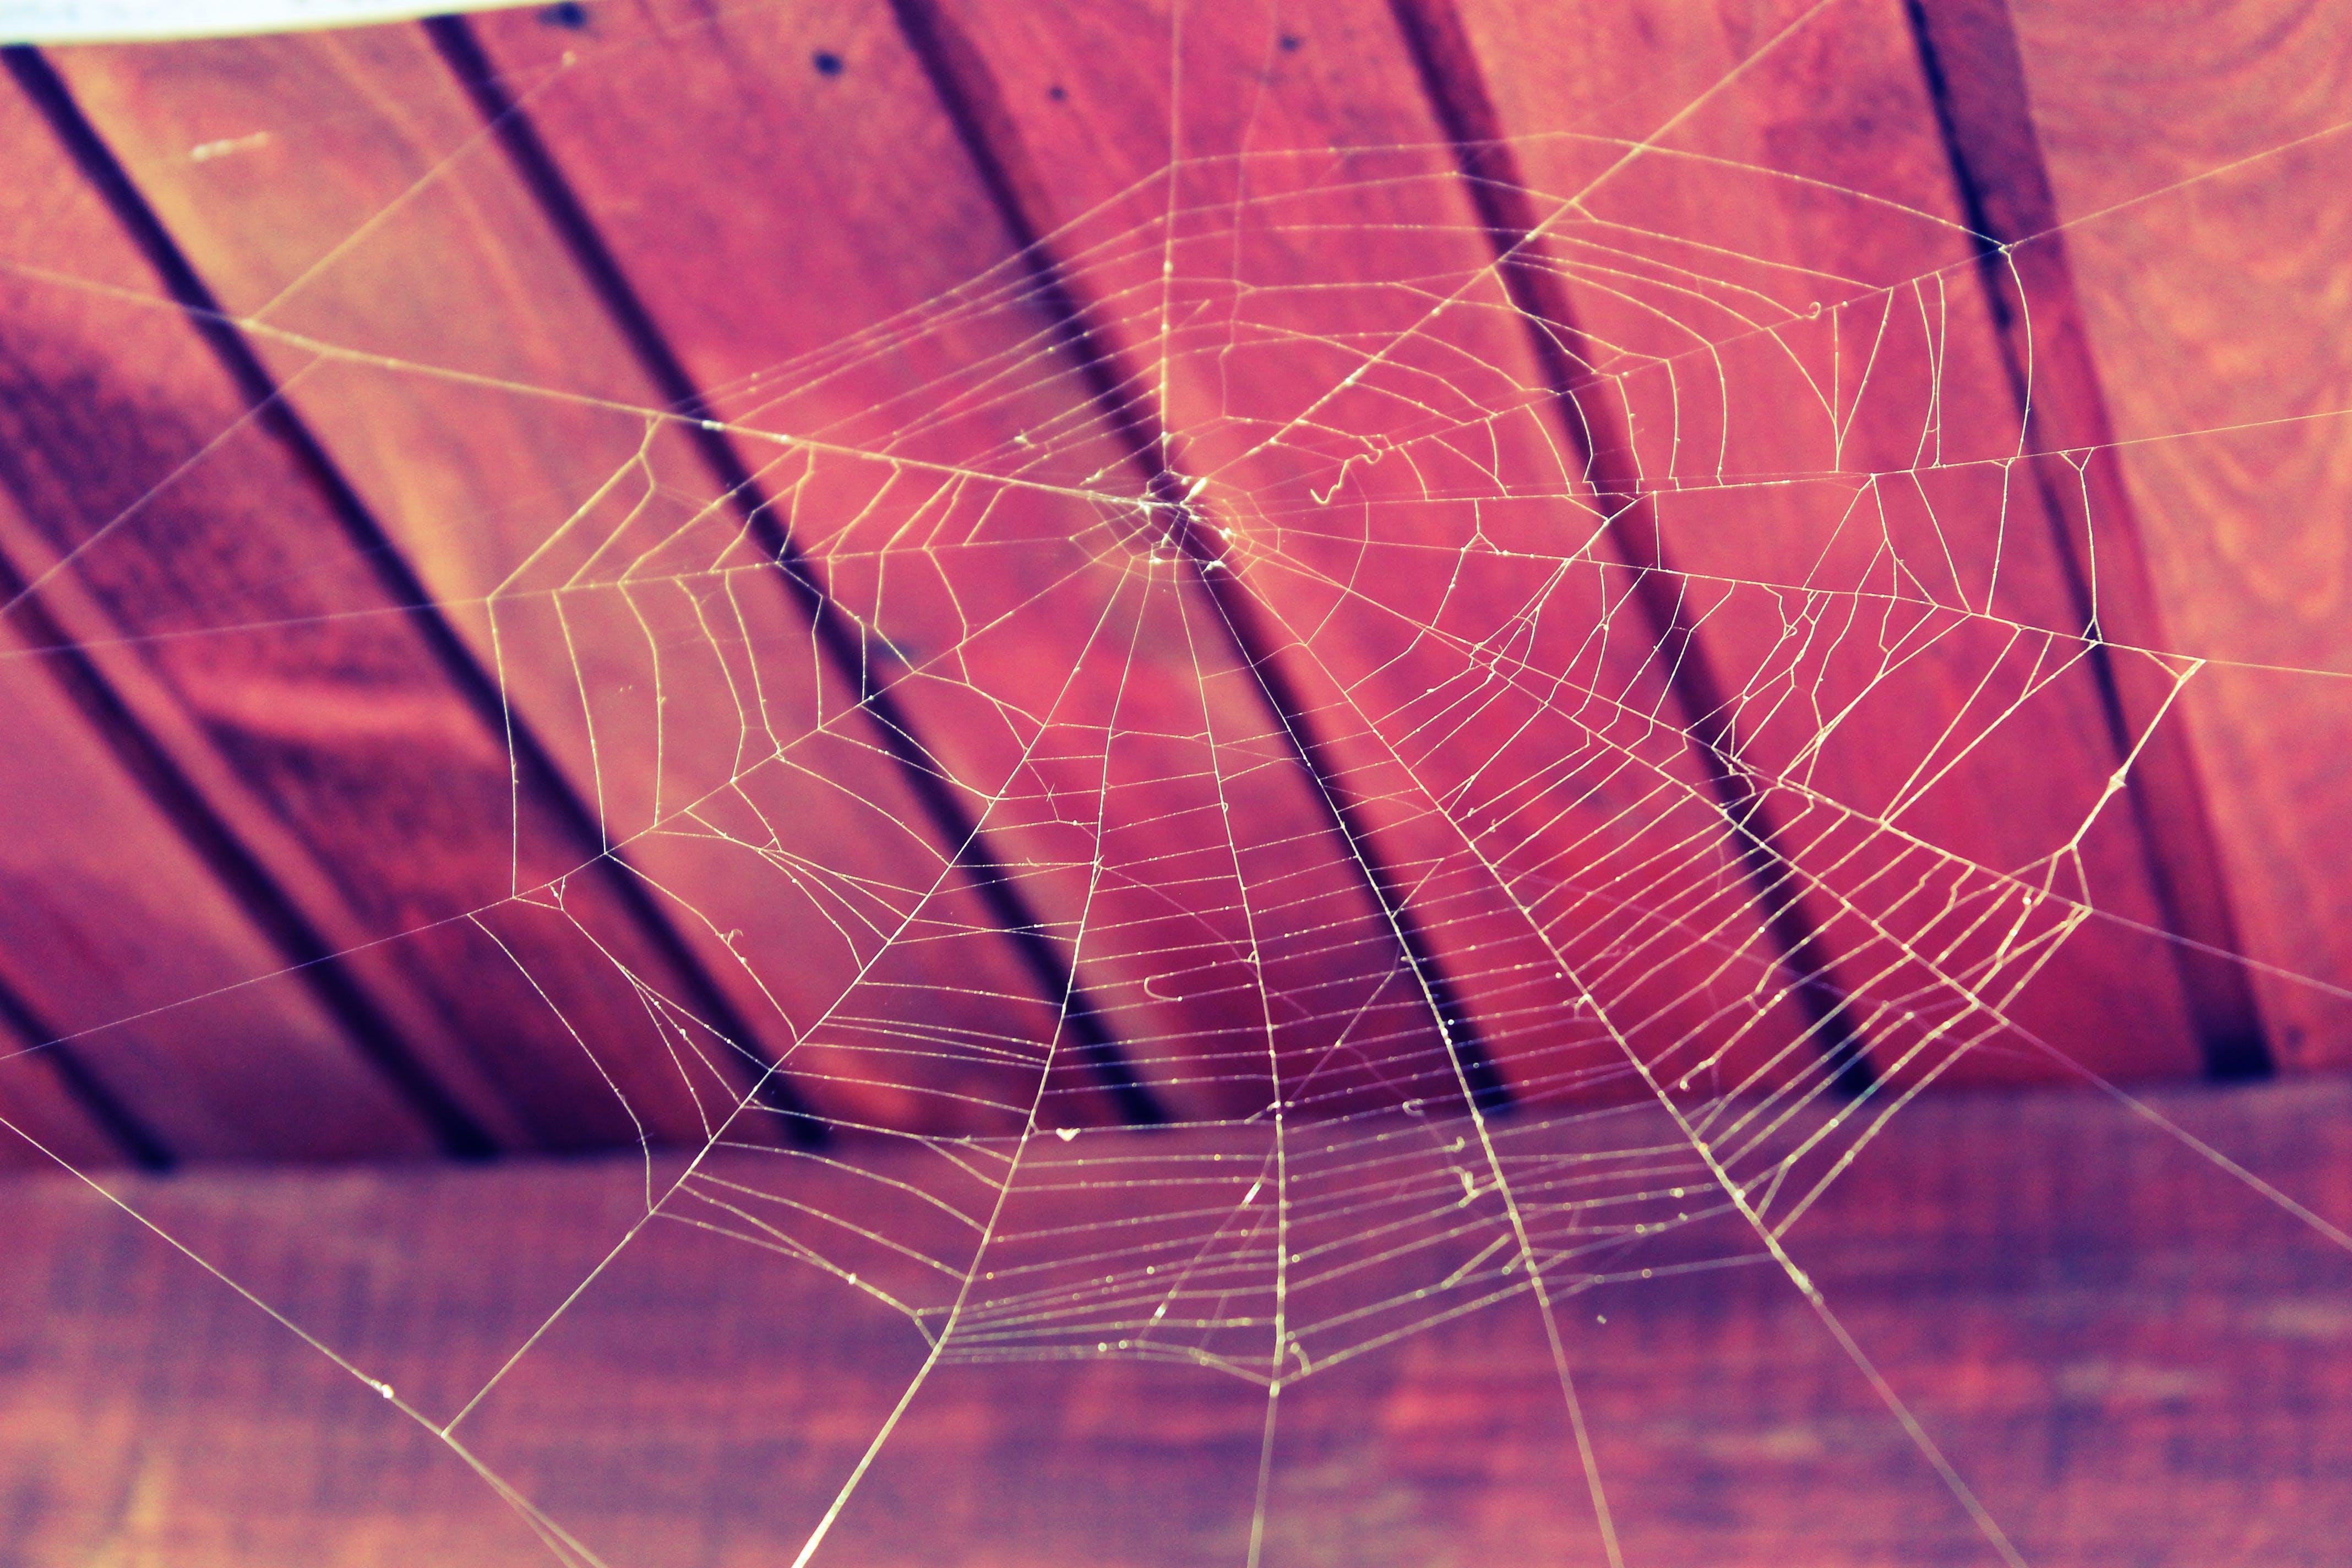 Spiderweb on Top